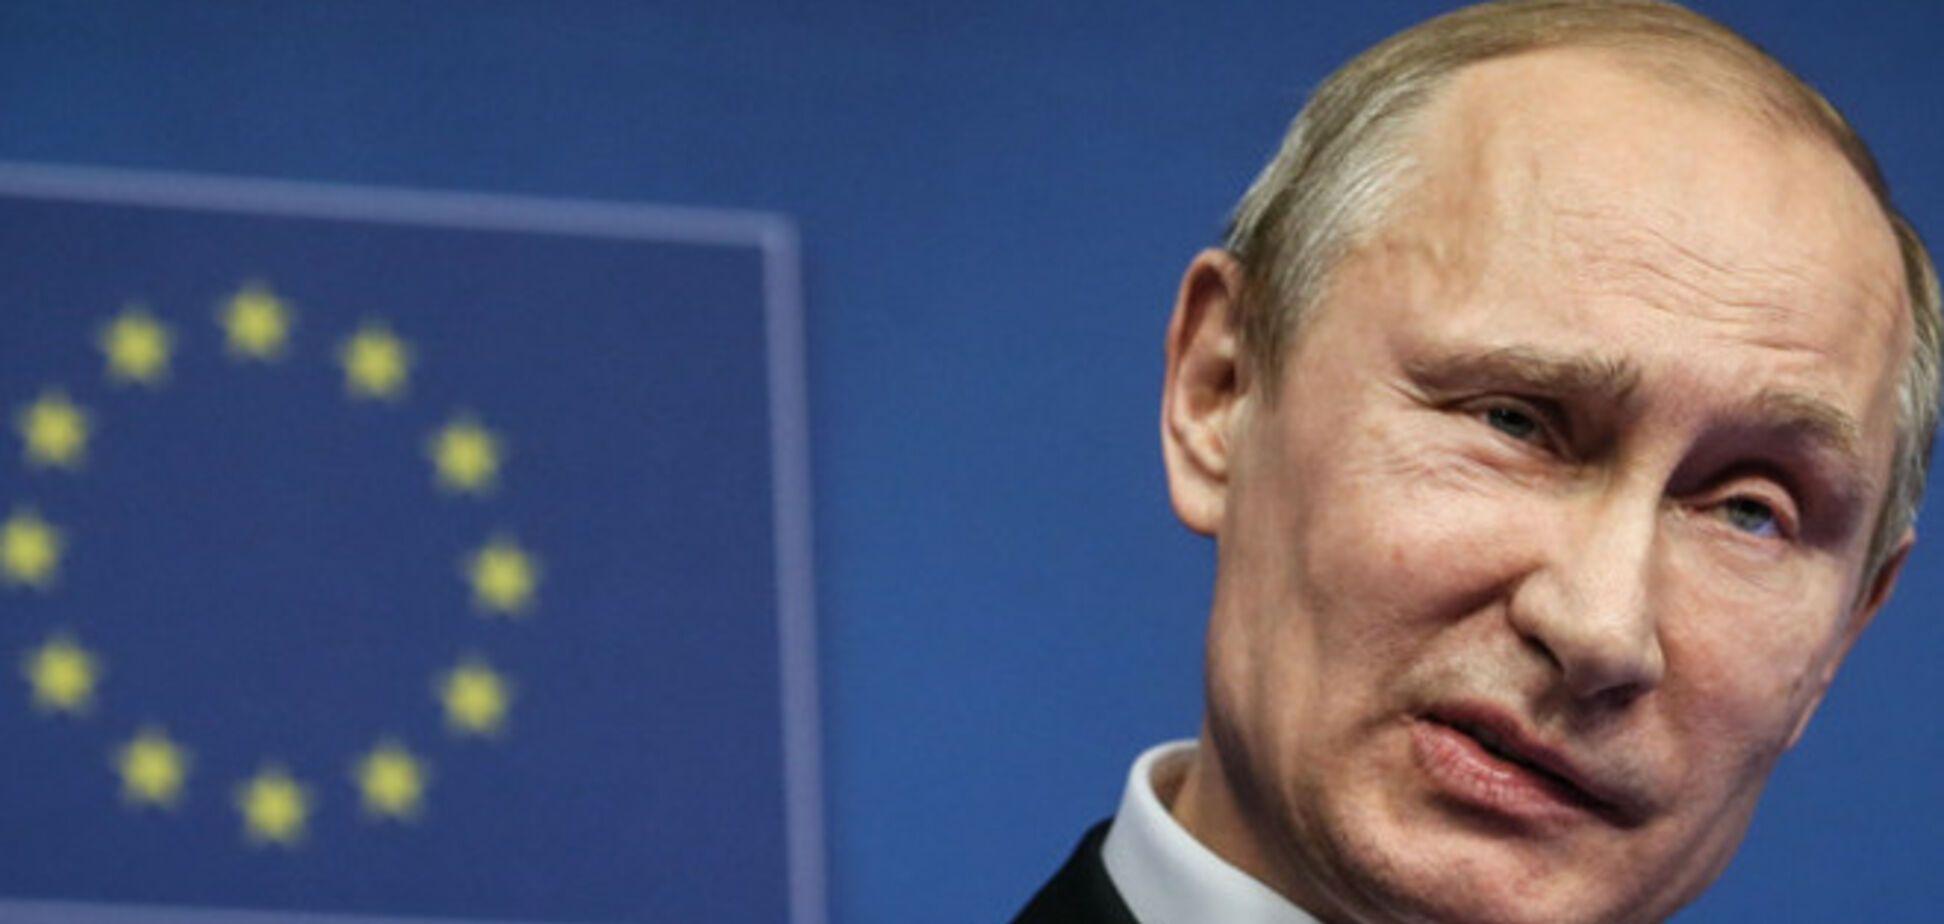 Немцов припомнил Путину ввод войск в Чечню для подавления сепаратизма